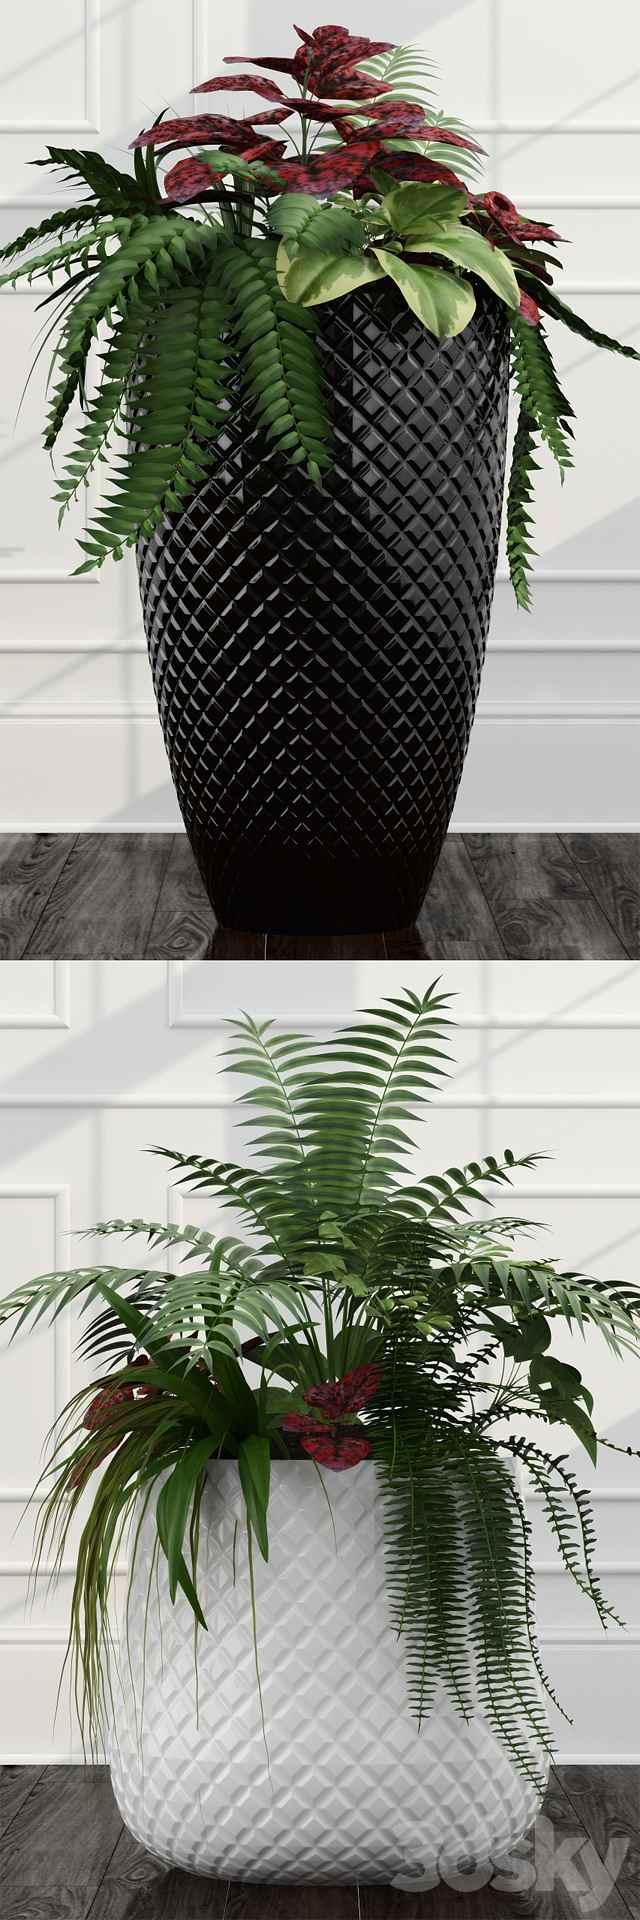 مدل سه بعدی گل و گلدان شیک